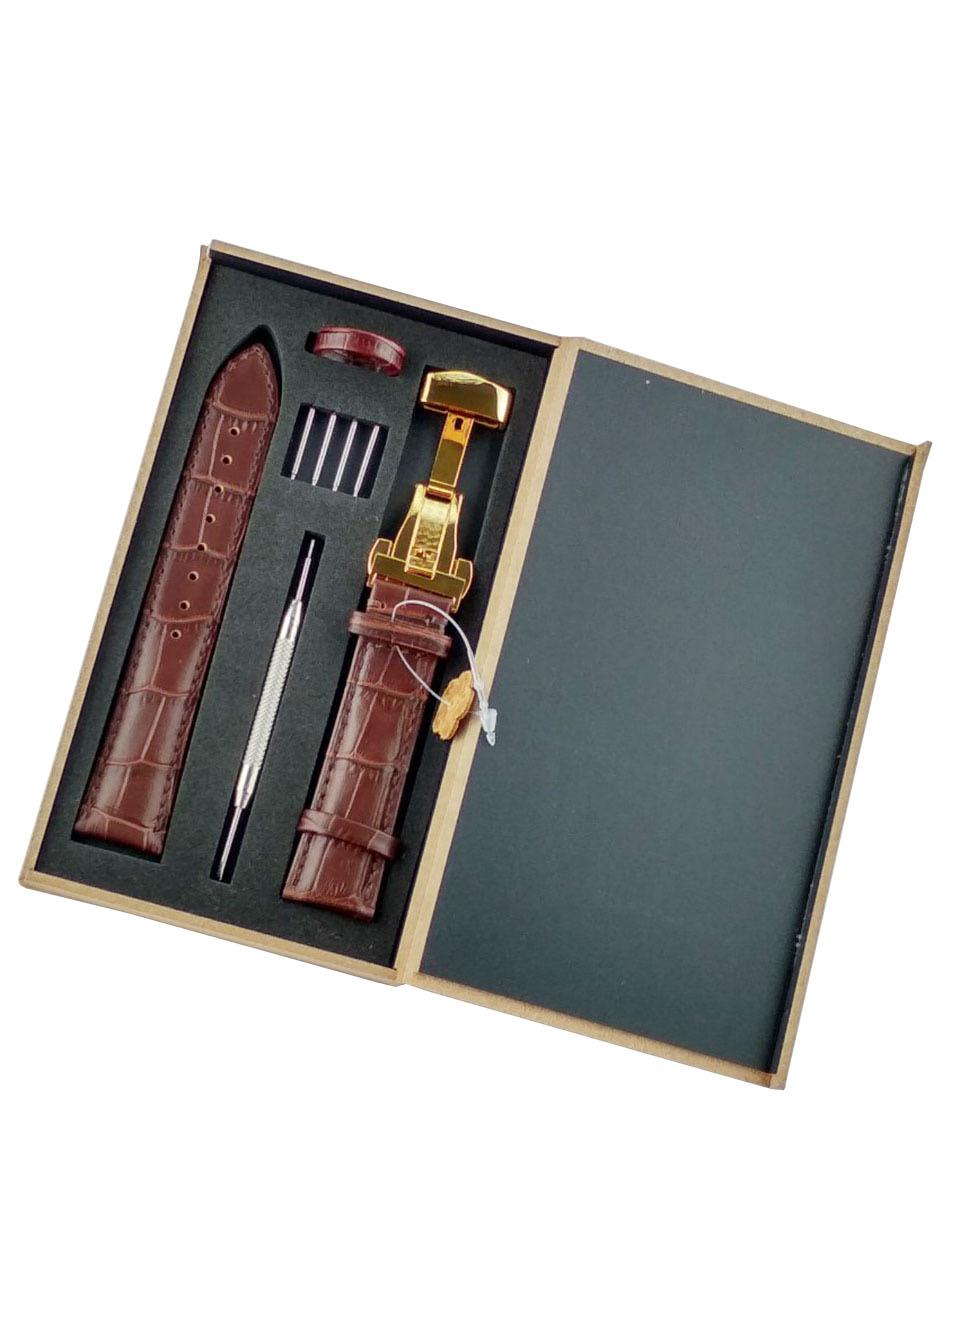 Dây đồng hồ da bò cao cấp tặng Hộp Gỗ kèm khóa bướm thép không gỉ 316L (Nhiều màu)